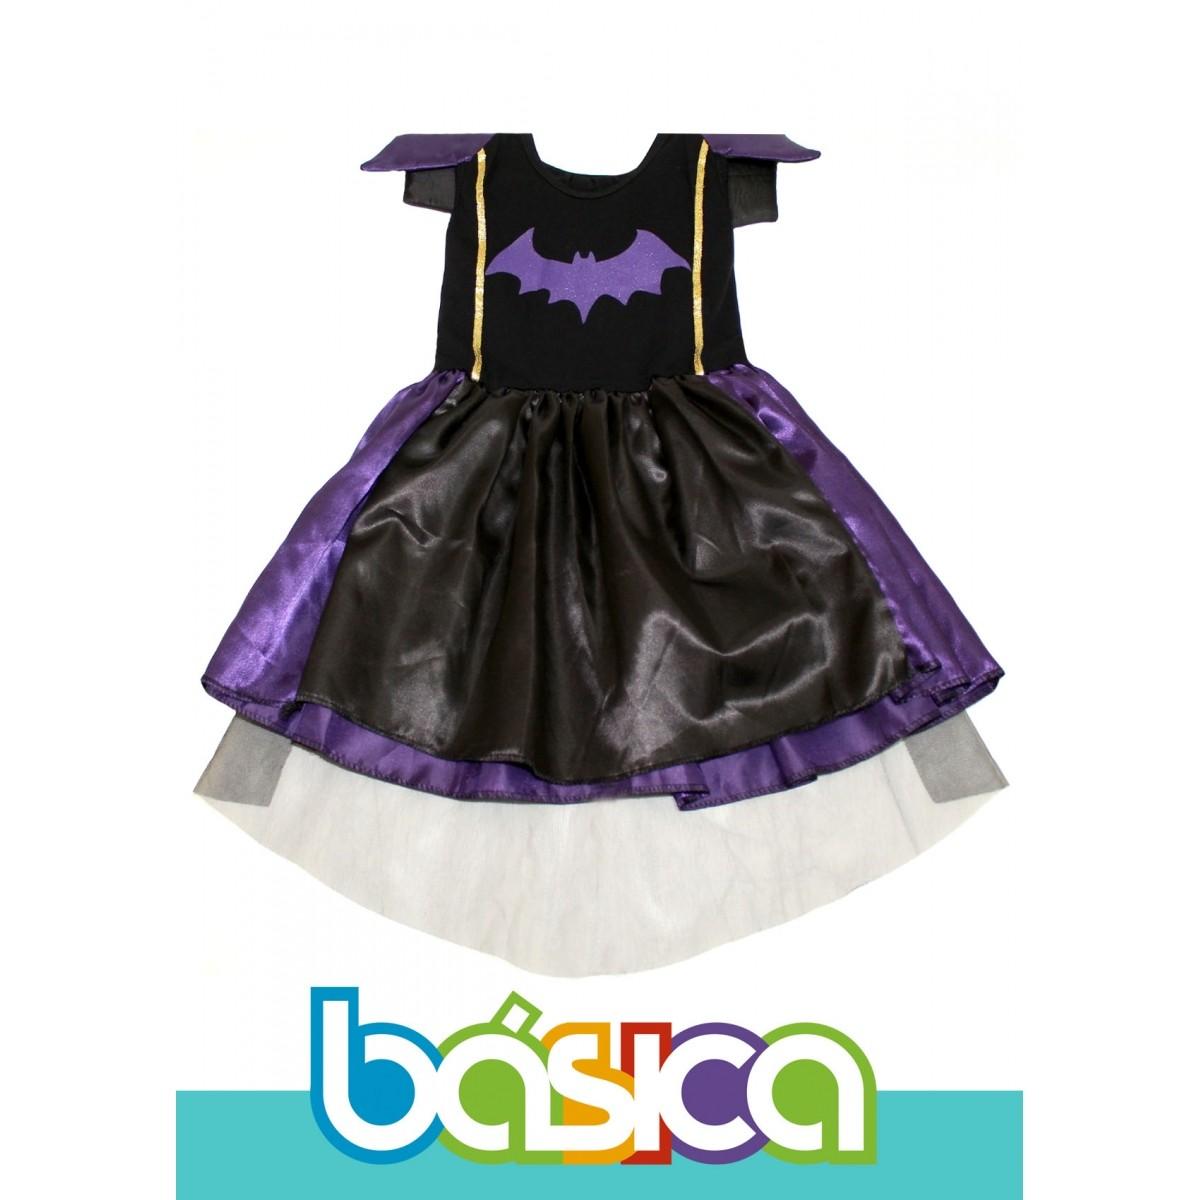 Fantasia de Bruxa Infantil Preto com Roxo  - BÁSICA UNIFORMES